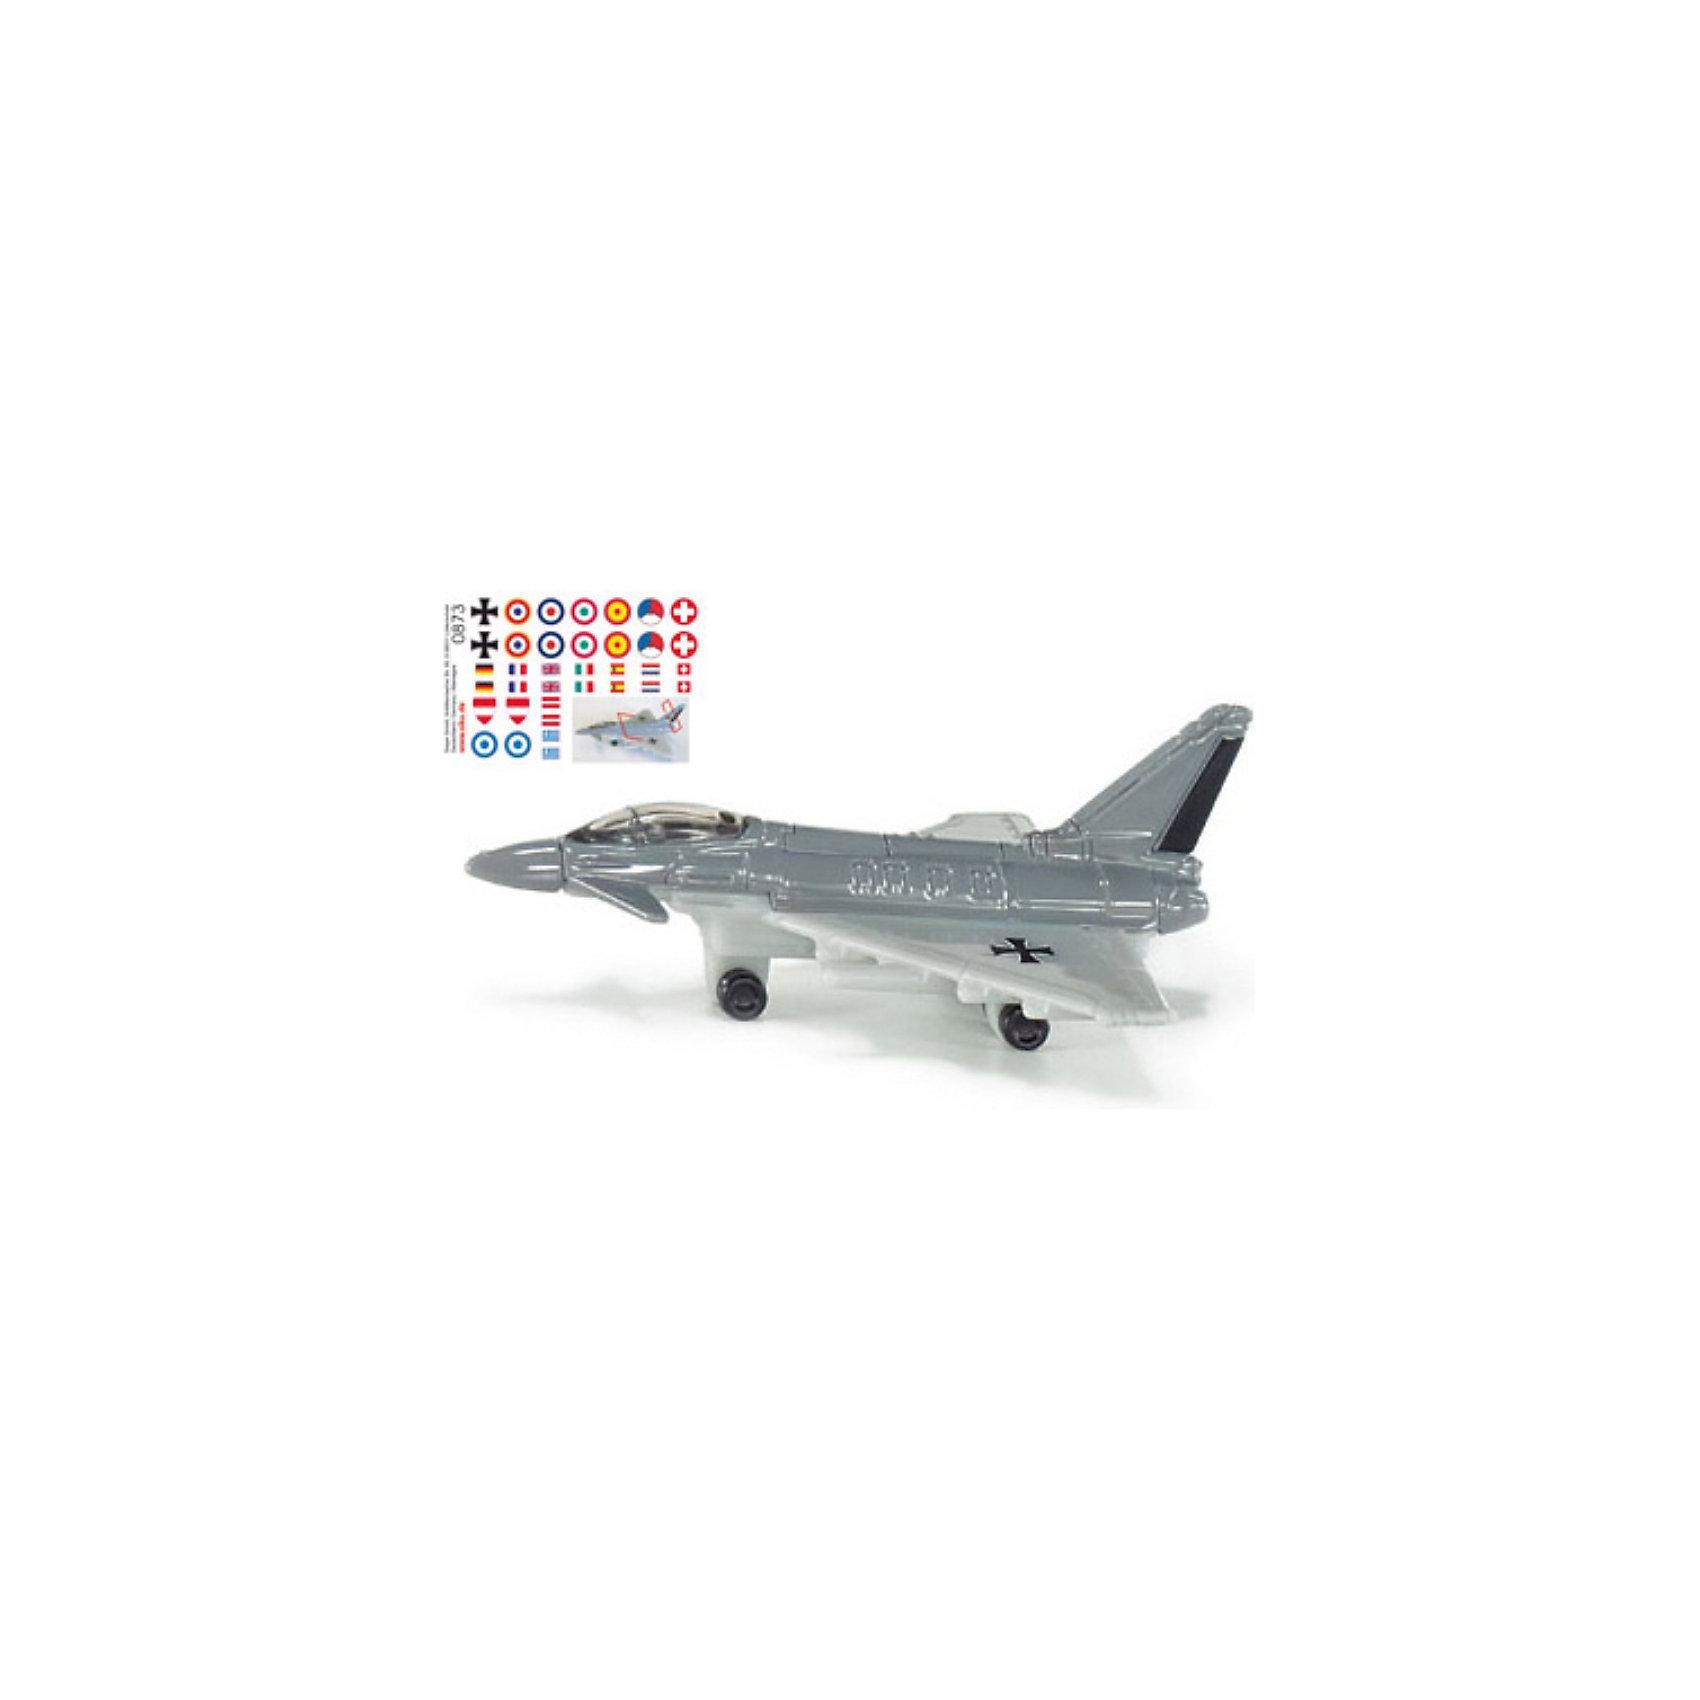 SIKU 0873 Реактивный истребительМодель реактивного истребителя фирмы SIKU отличается великолепным дизайном, вращающимися колесами, разнообразным вооружением и целым набором различных опознавательных знаков.<br><br>Игрушечные модели SIKU изготавливаются в соответствии с актуальными предписаниями по безопасности, имеют сертификаты T?V, GS и отмечены знаком Spiel-gut.<br><br>Игрушки не предназначены для детей младше 36 месяцев, так как содержат мелкие детали, которые могут быть проглочены.<br><br><br>Д/Ш/В: 69x48x27 мм<br><br>+++Примечание+++<br>Фирма SIKU оставляет за собой право на изменение цвета и технических характеристик моделей. При демонстрации новинок в ряде случаев используются оригинальные фотографии и прототипы. Поставляемая модель может отличаться от представленной на фотографии.<br><br>Ширина мм: 95<br>Глубина мм: 78<br>Высота мм: 40<br>Вес г: 26<br>Возраст от месяцев: 36<br>Возраст до месяцев: 96<br>Пол: Мужской<br>Возраст: Детский<br>SKU: 1636678